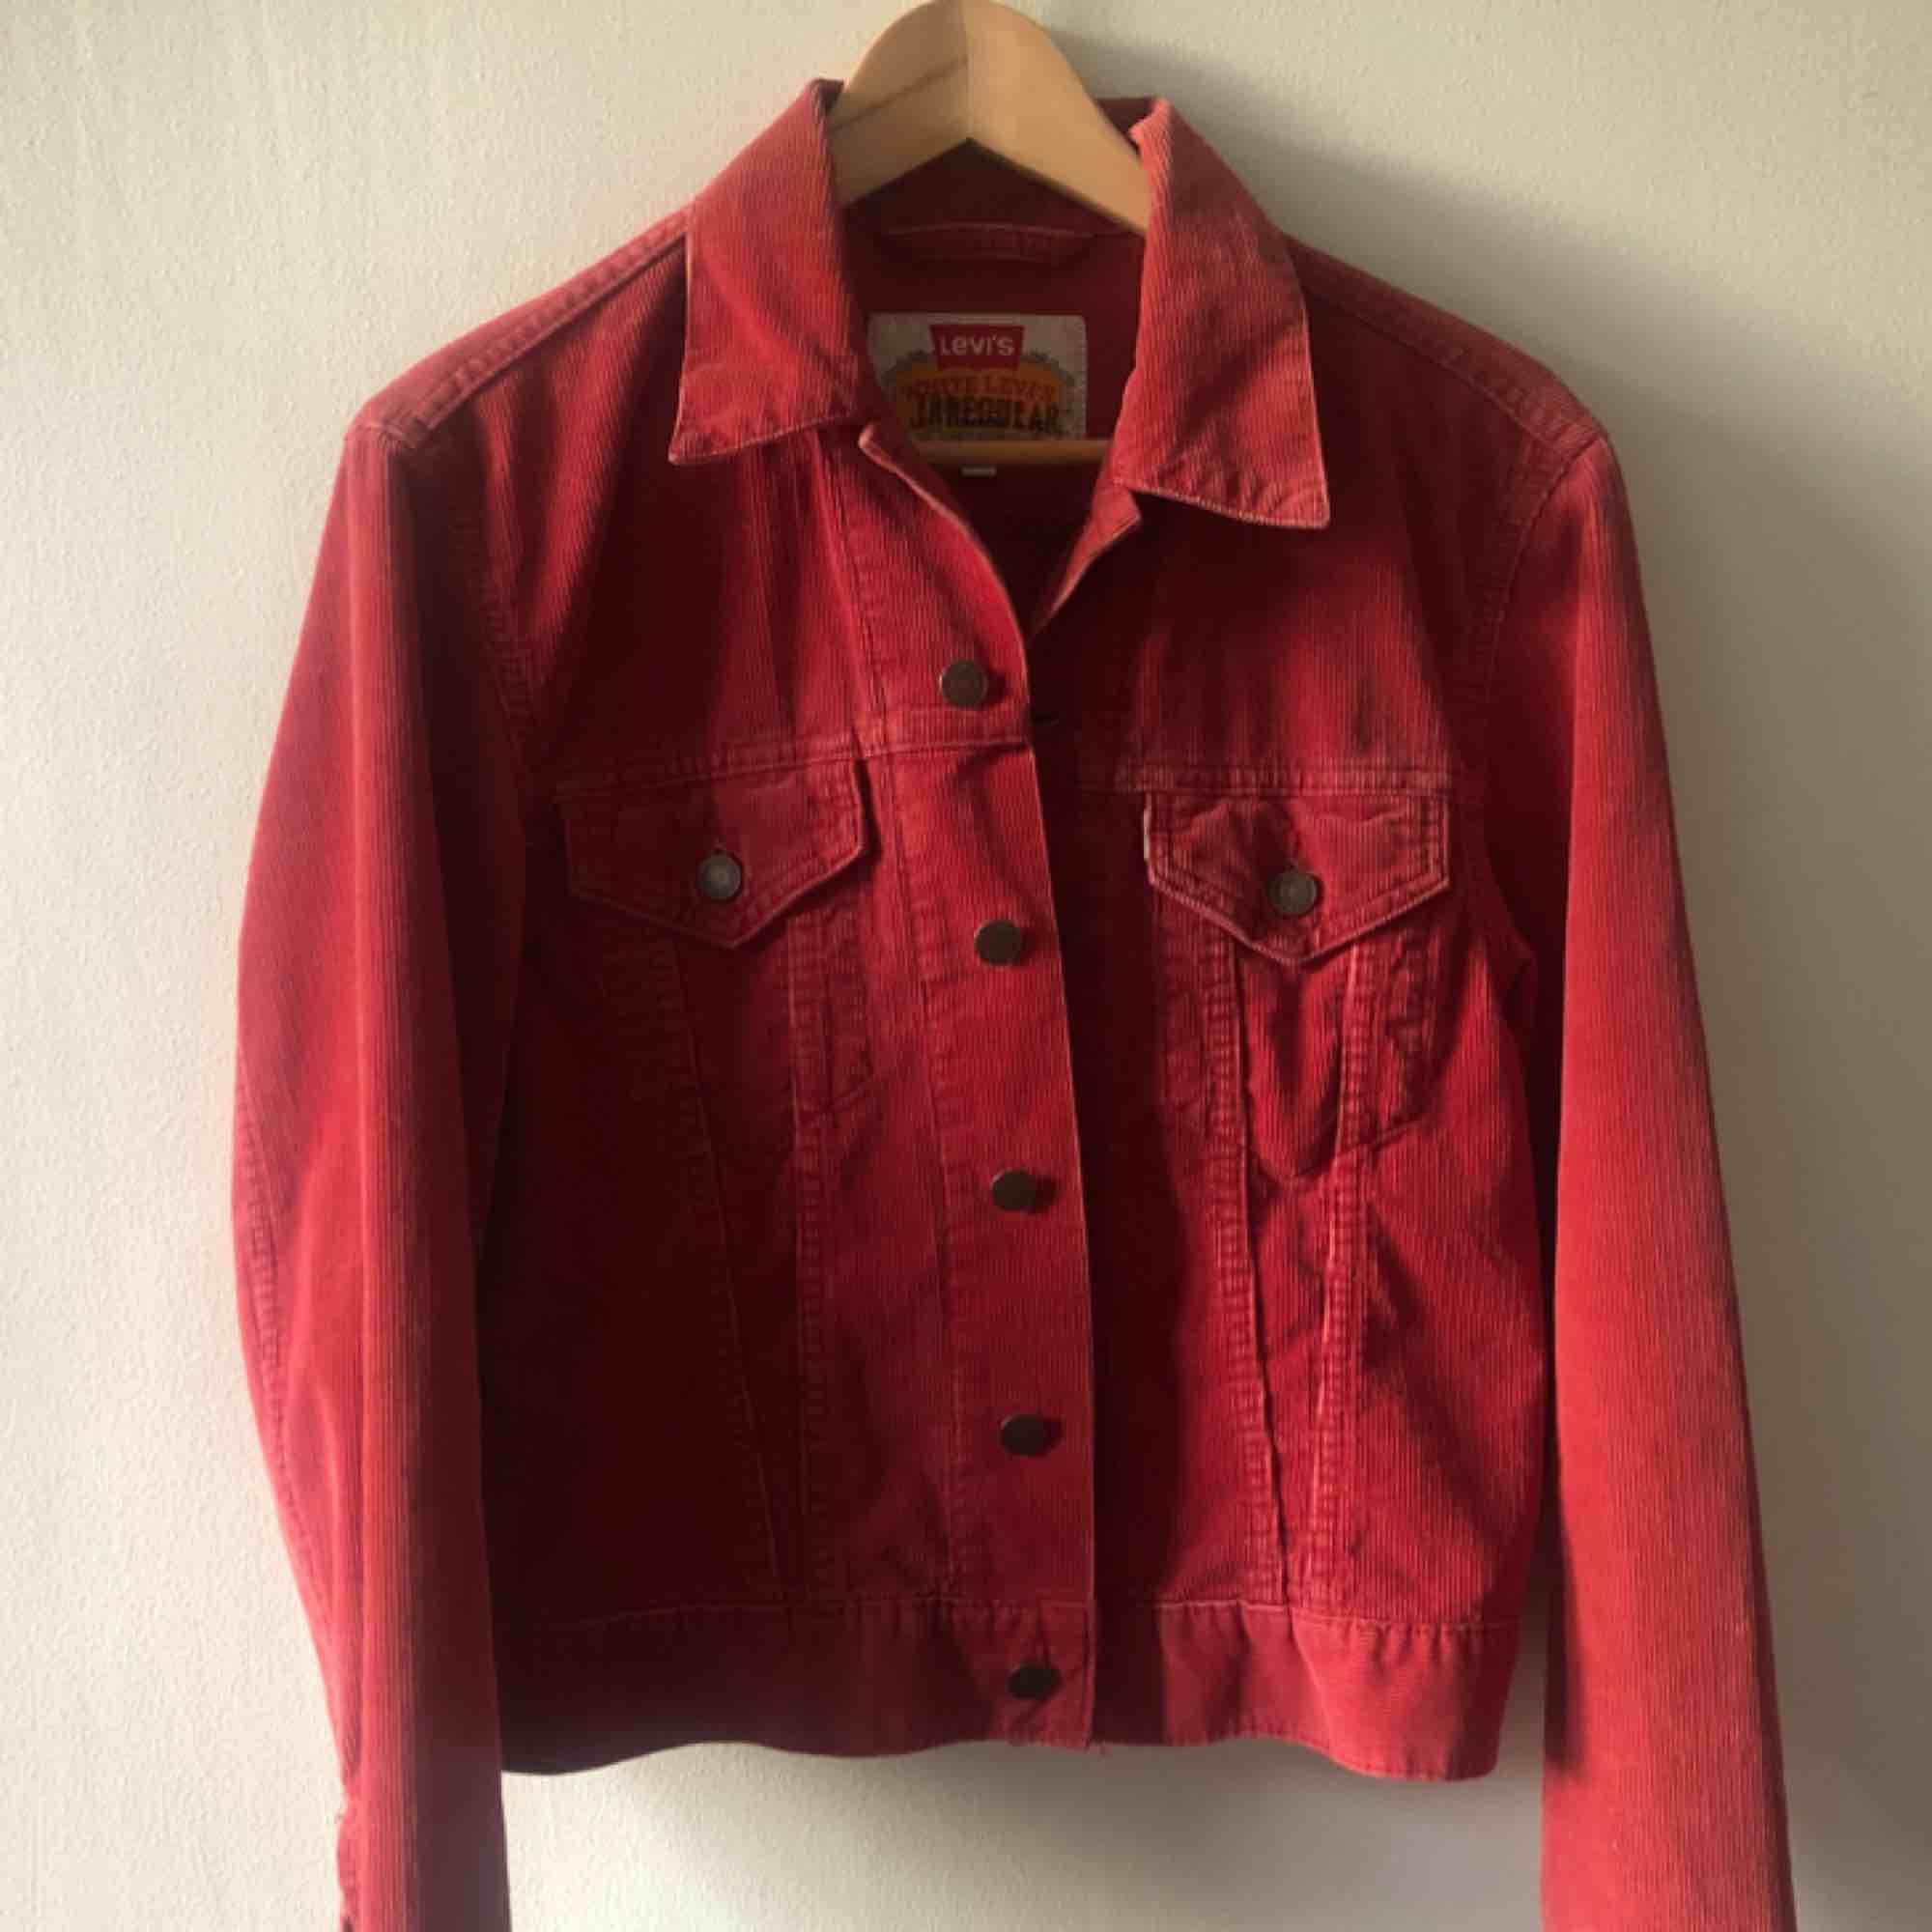 68f2bcc92d38 Märkt med Irregual på Vintage Manchester jeansjacka från Levis. Troligtvis  tidigt 80-tal.